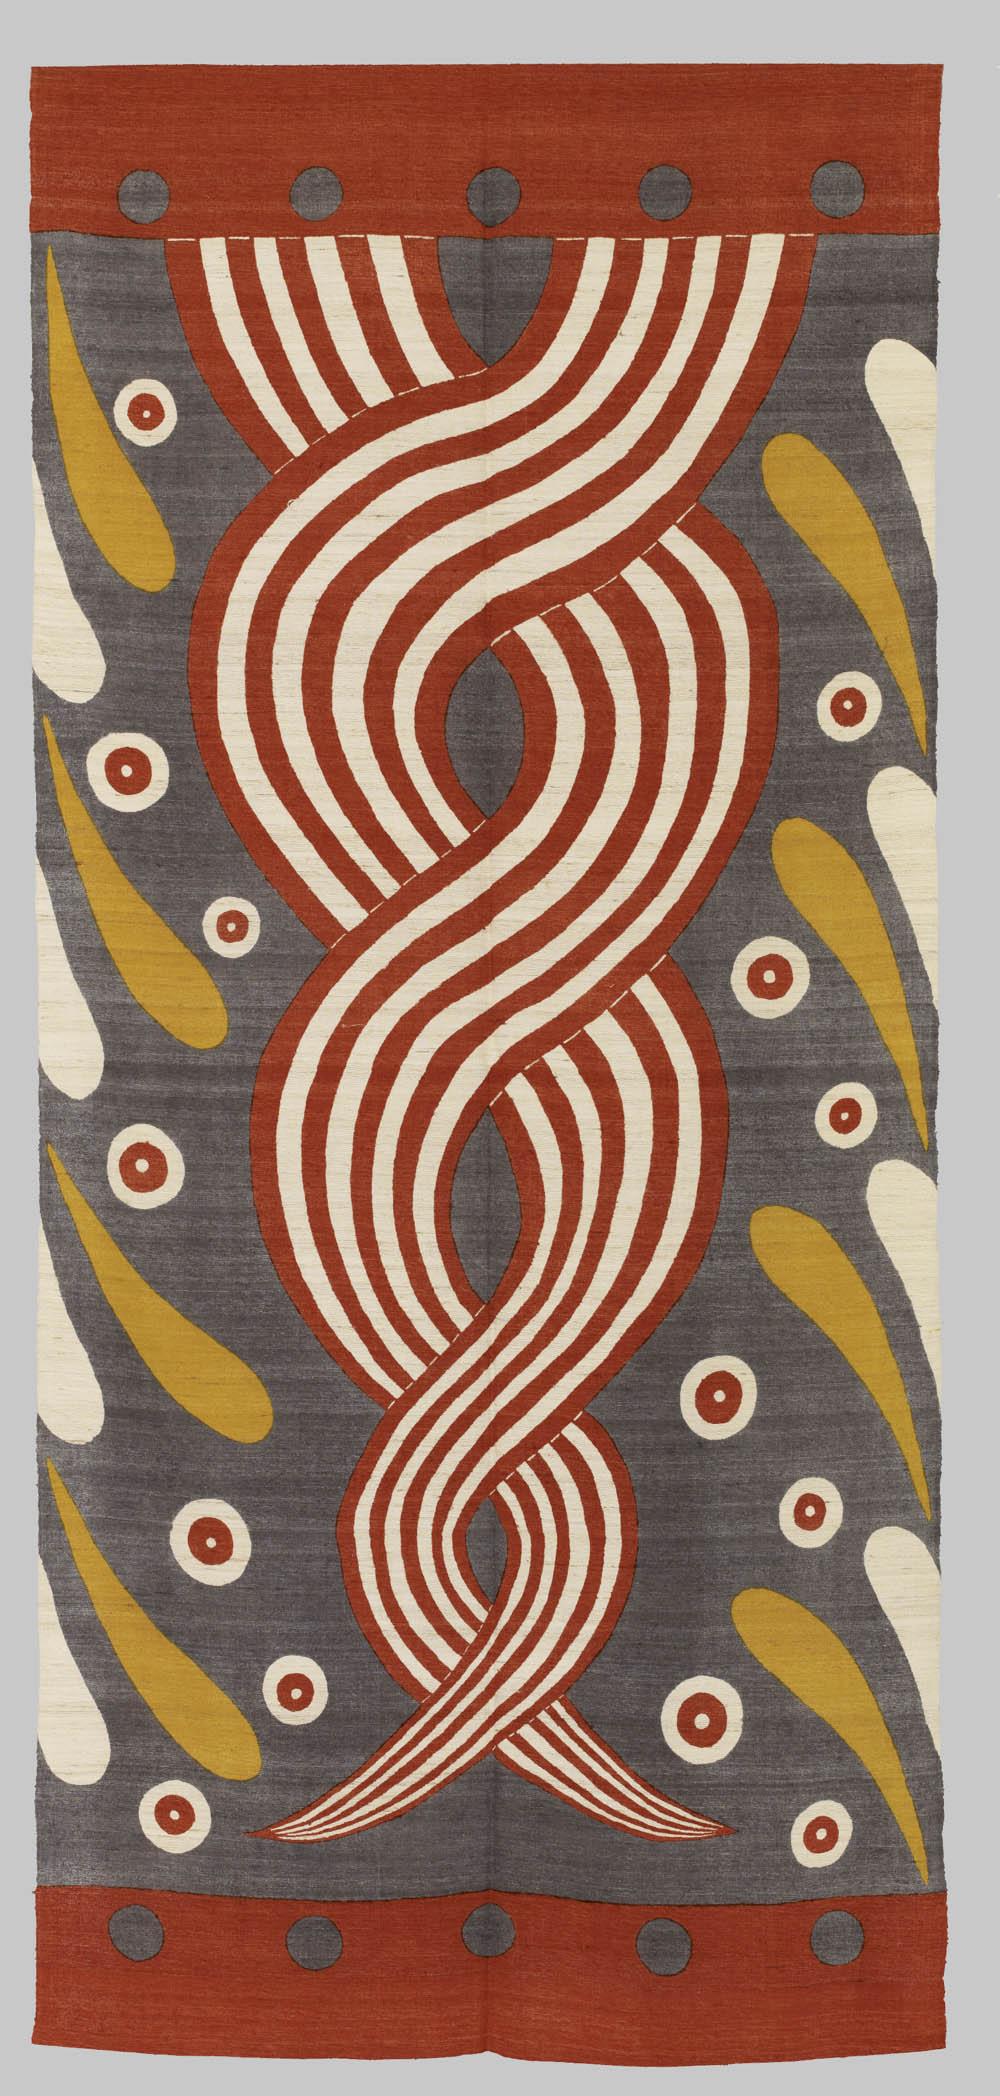 Twist, 1995, Silk, 273 x 127 cm, Don Samirō Yunoki, 2013 - MA 12577, © Paris, RMN - Grand Palais (Musée Guimet, Paris) / Thierry Ollivier